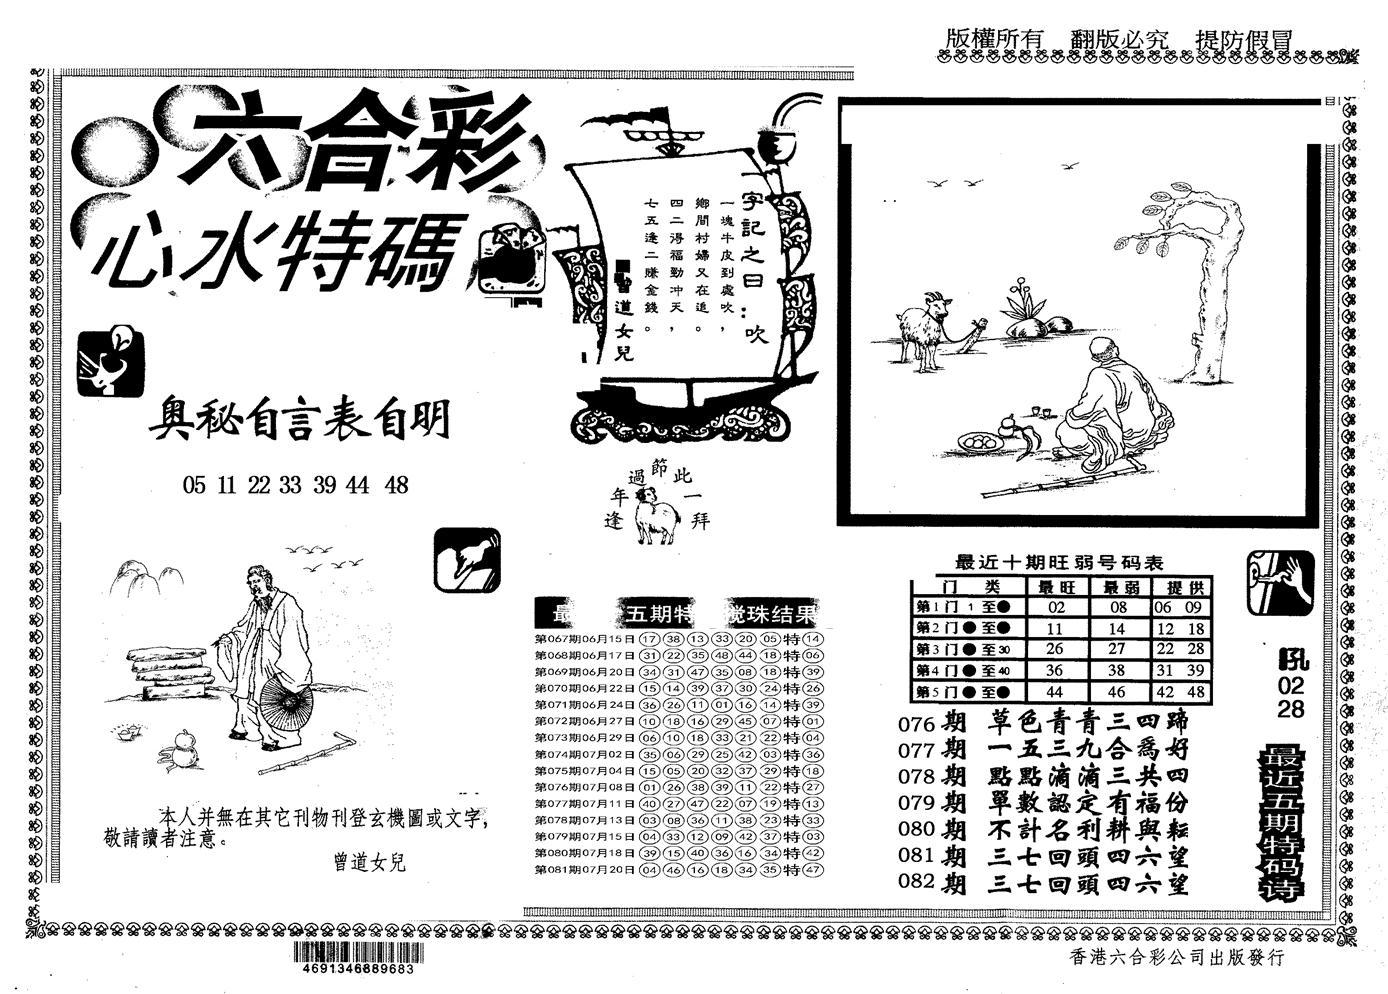 082期另版心水特码(黑白)